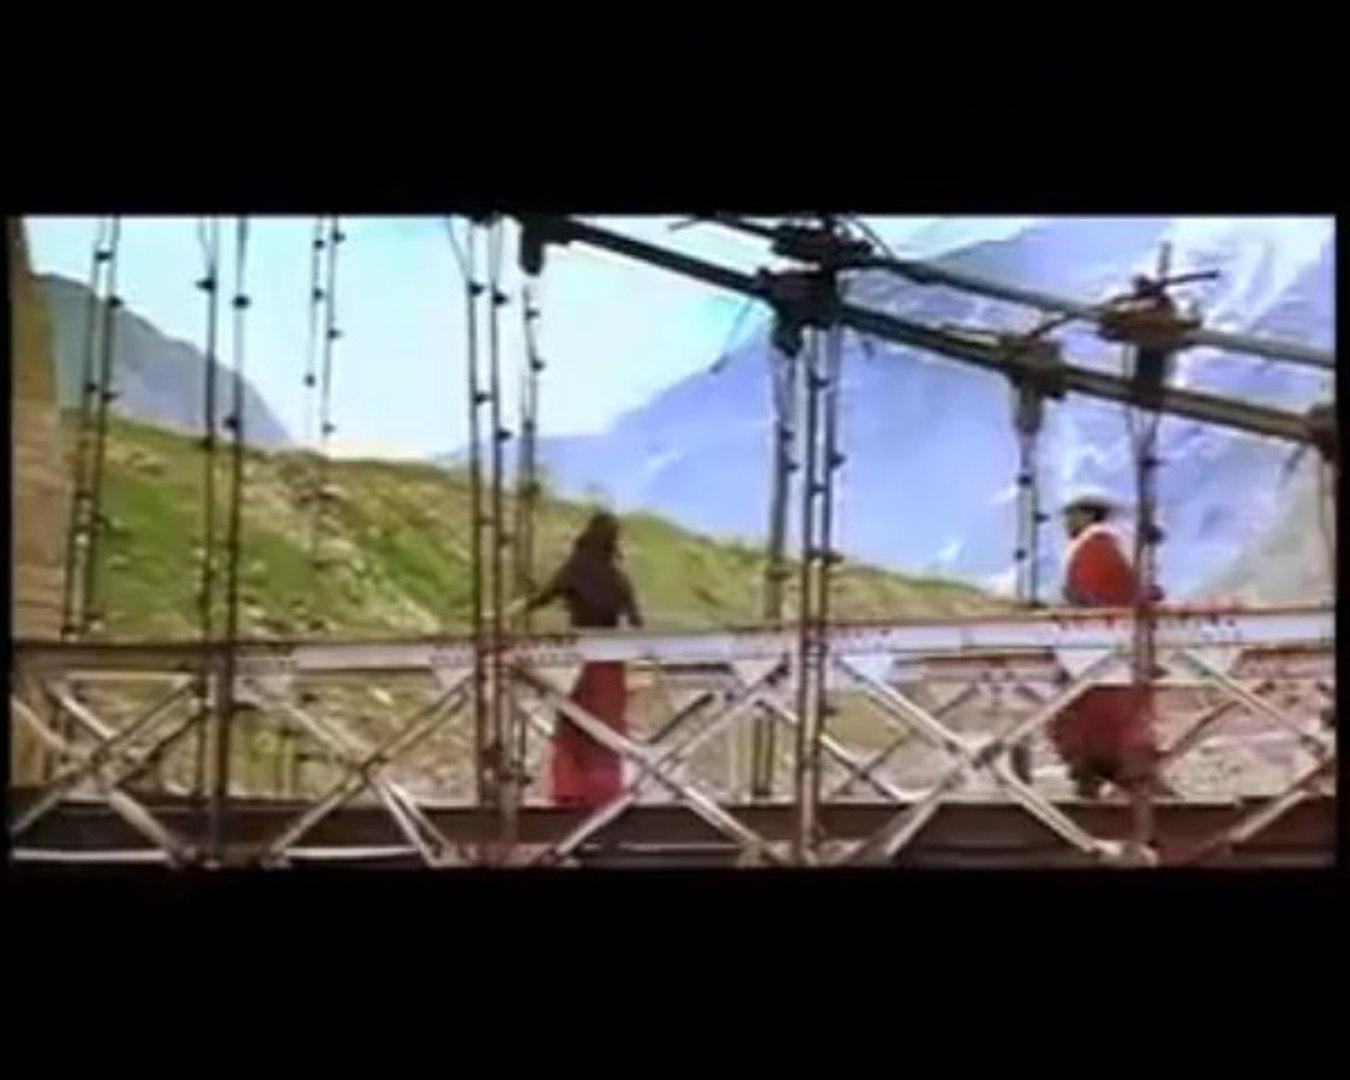 ANWAR tamil song-Kanninima pole HD quality _ing prithviraj and mamtha [shreya ghoshal]